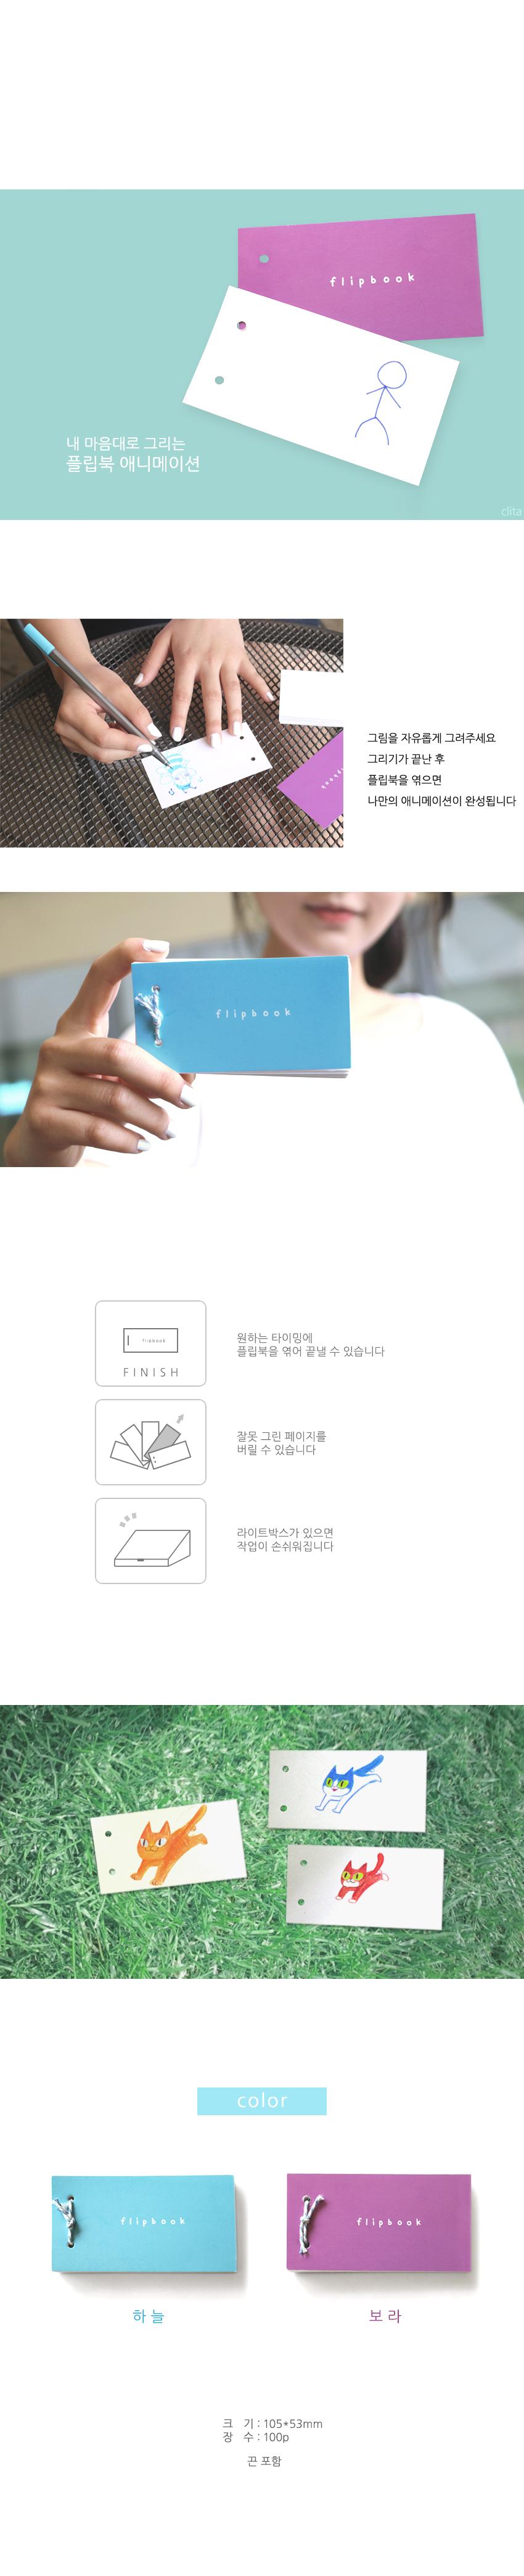 플립북 애니메이션 노트 - 클리타, 3,500원, 기능성노트, 기타 기능성 노트